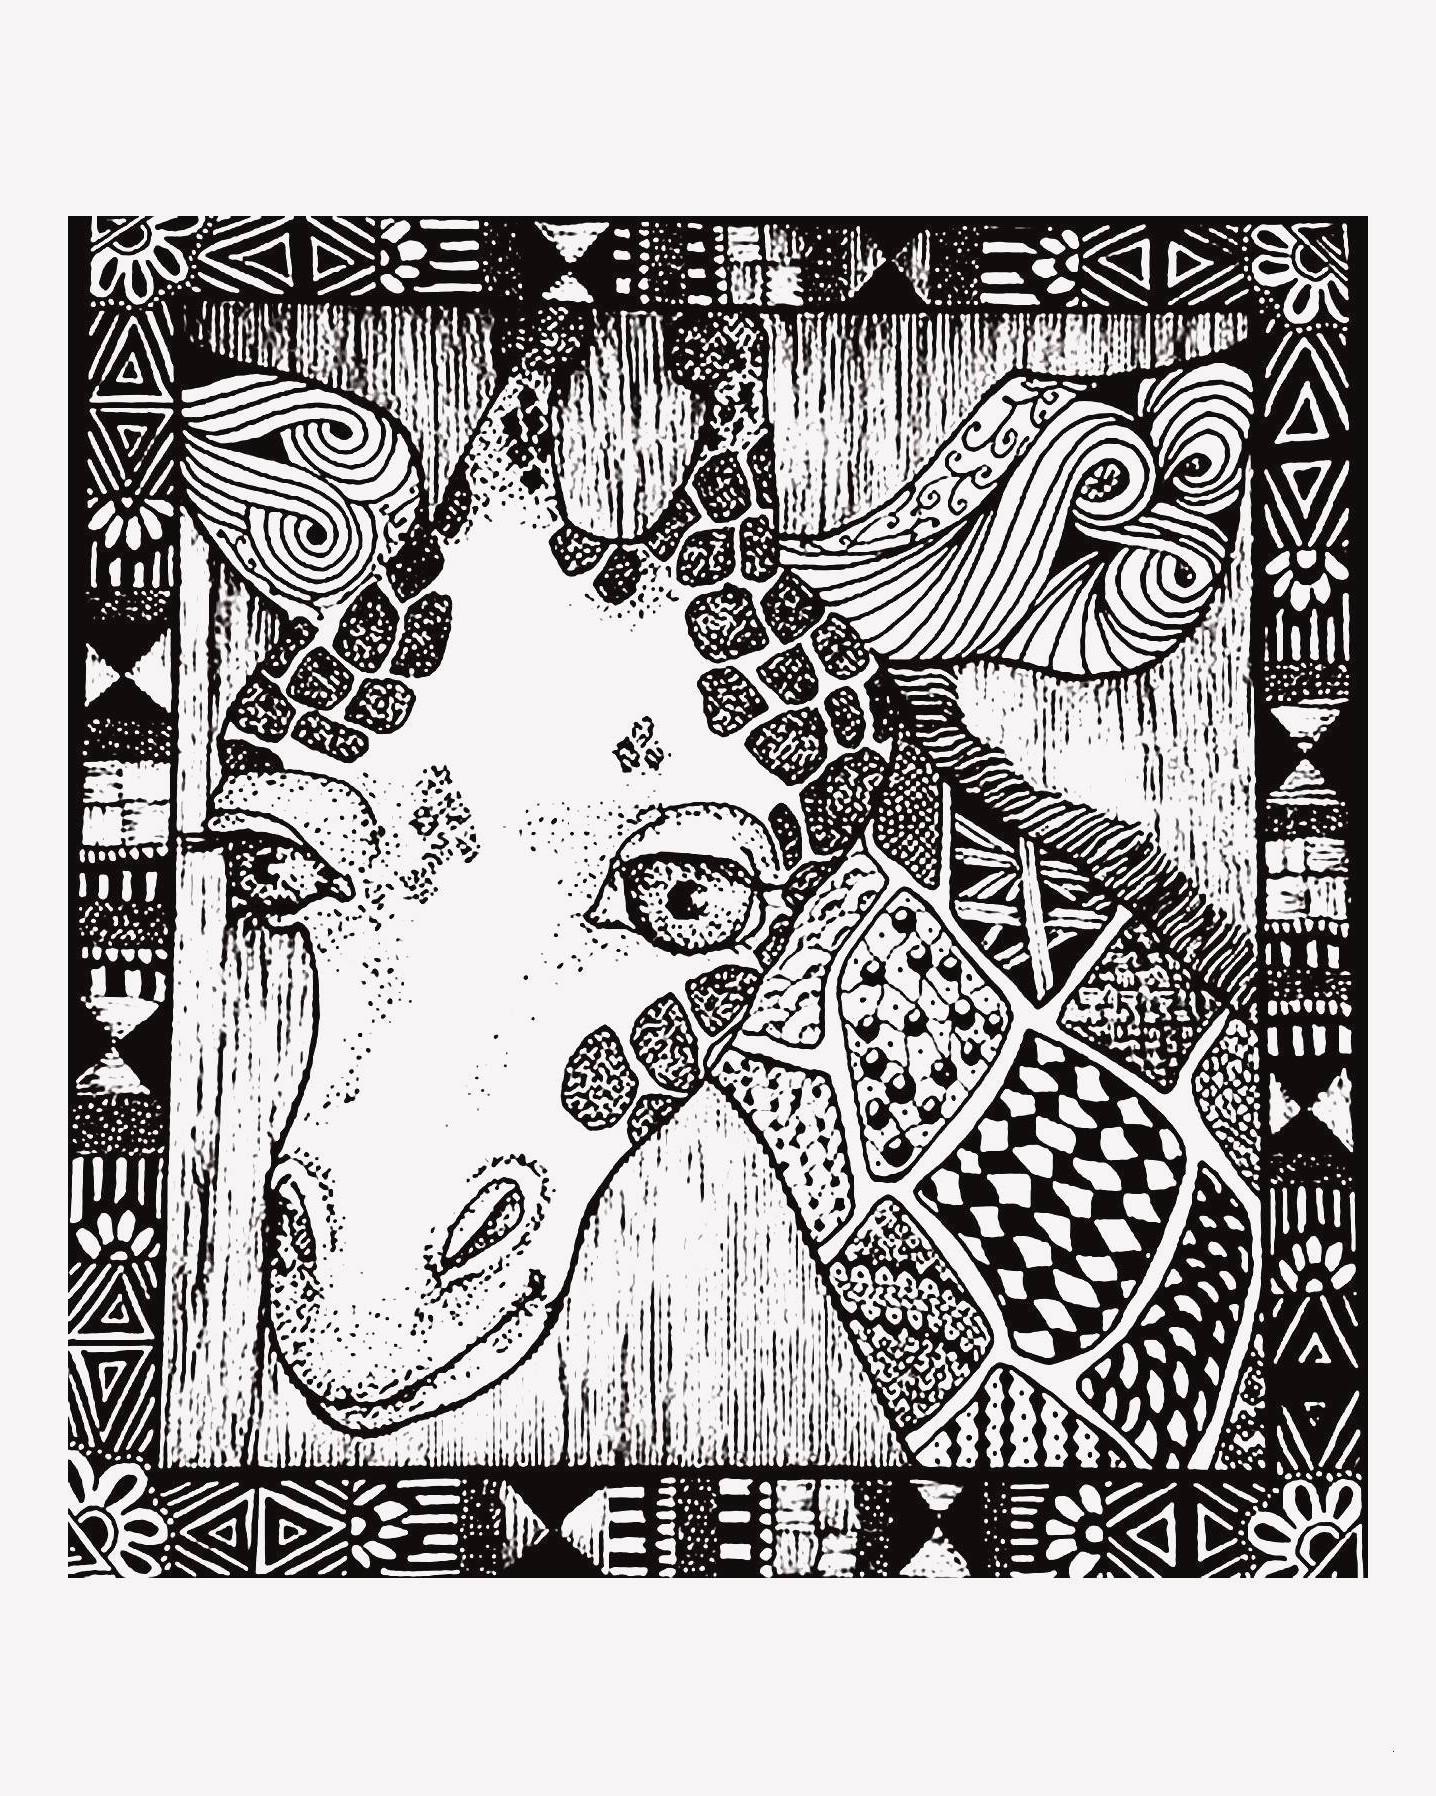 Malvorlagen Tiere Einfach Frisch 33 Lecker Mandala Tiere Für Erwachsene – Malvorlagen Ideen Sammlung